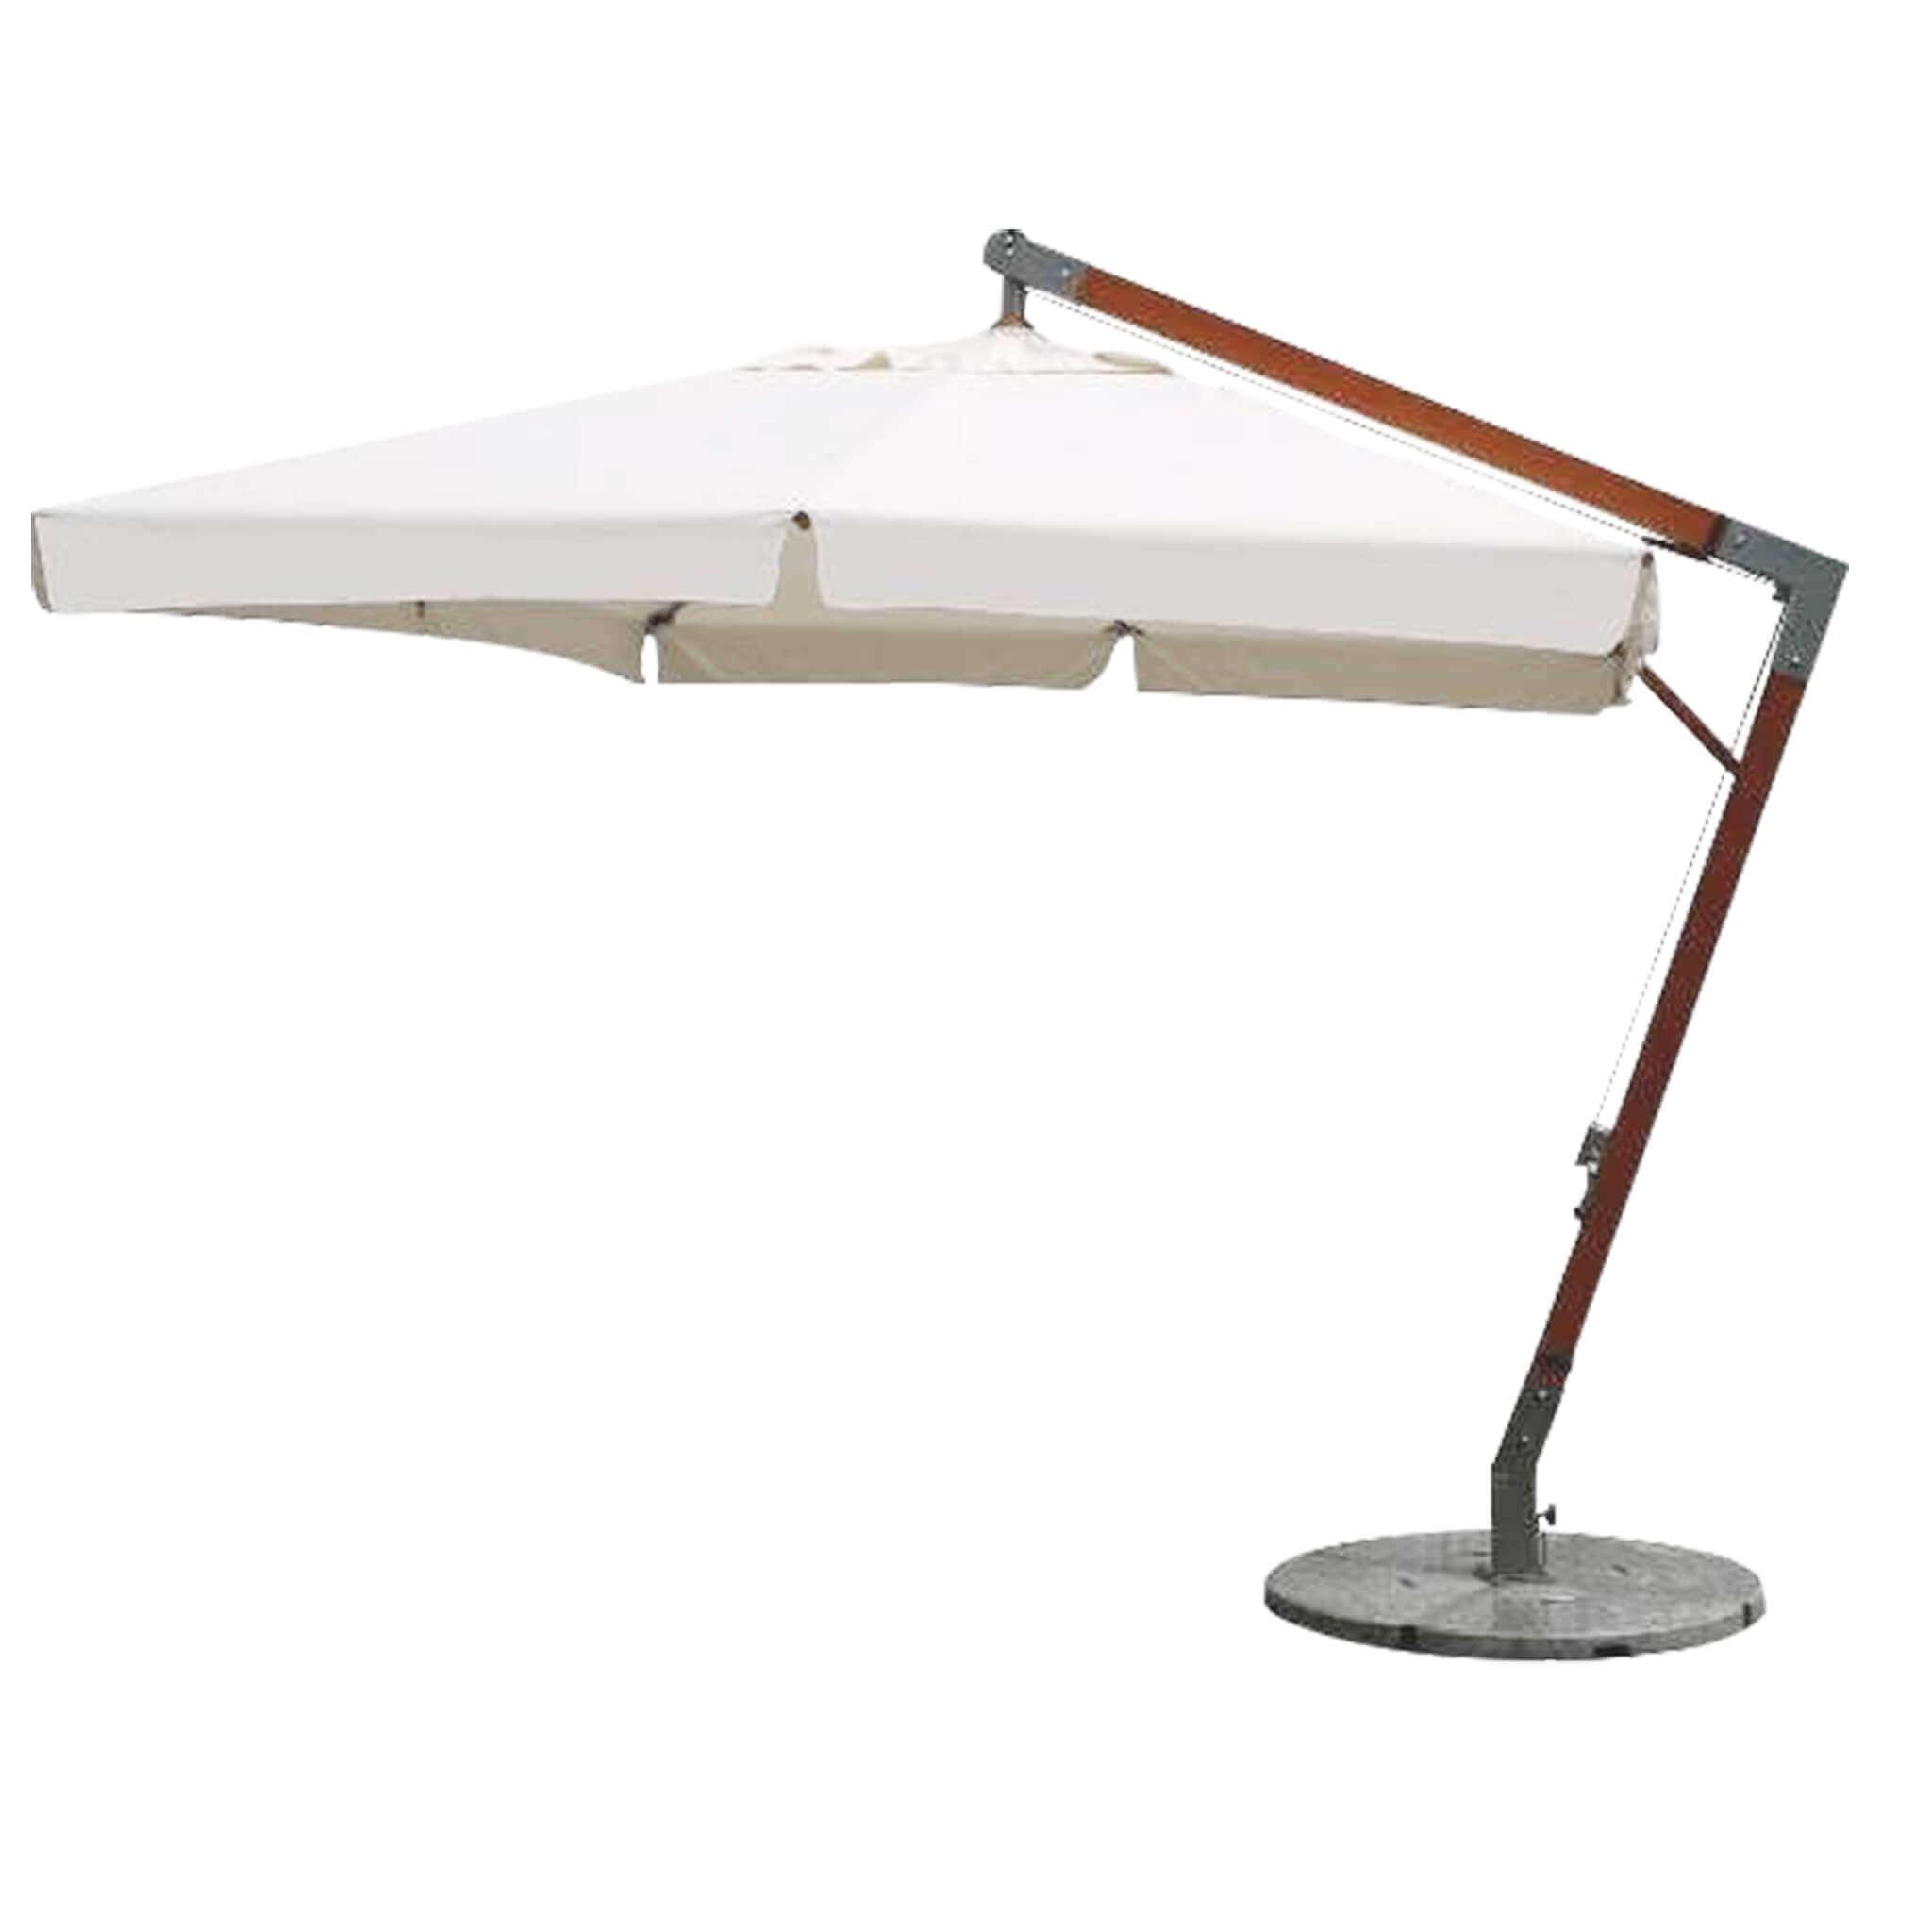 Milani Home VICTOR - ombrellone da giardino 3 x 3 decentrato in legno